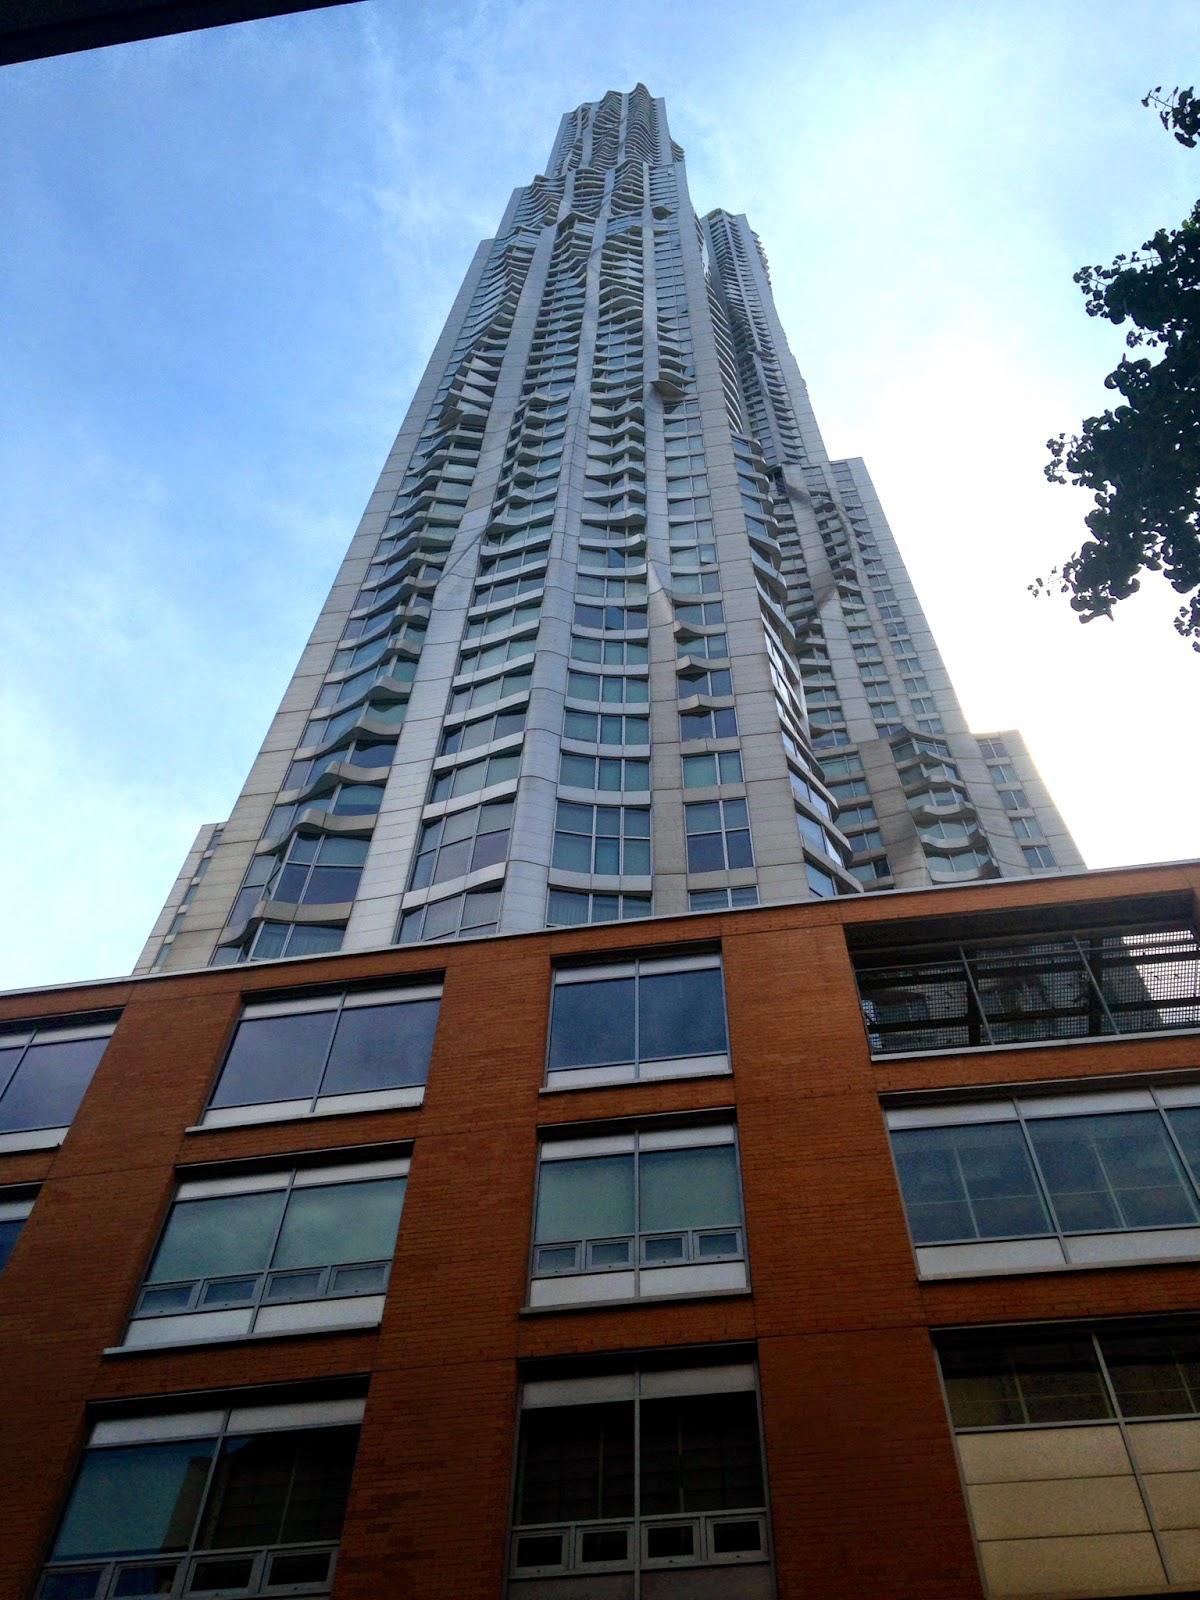 manhattan squiggle building